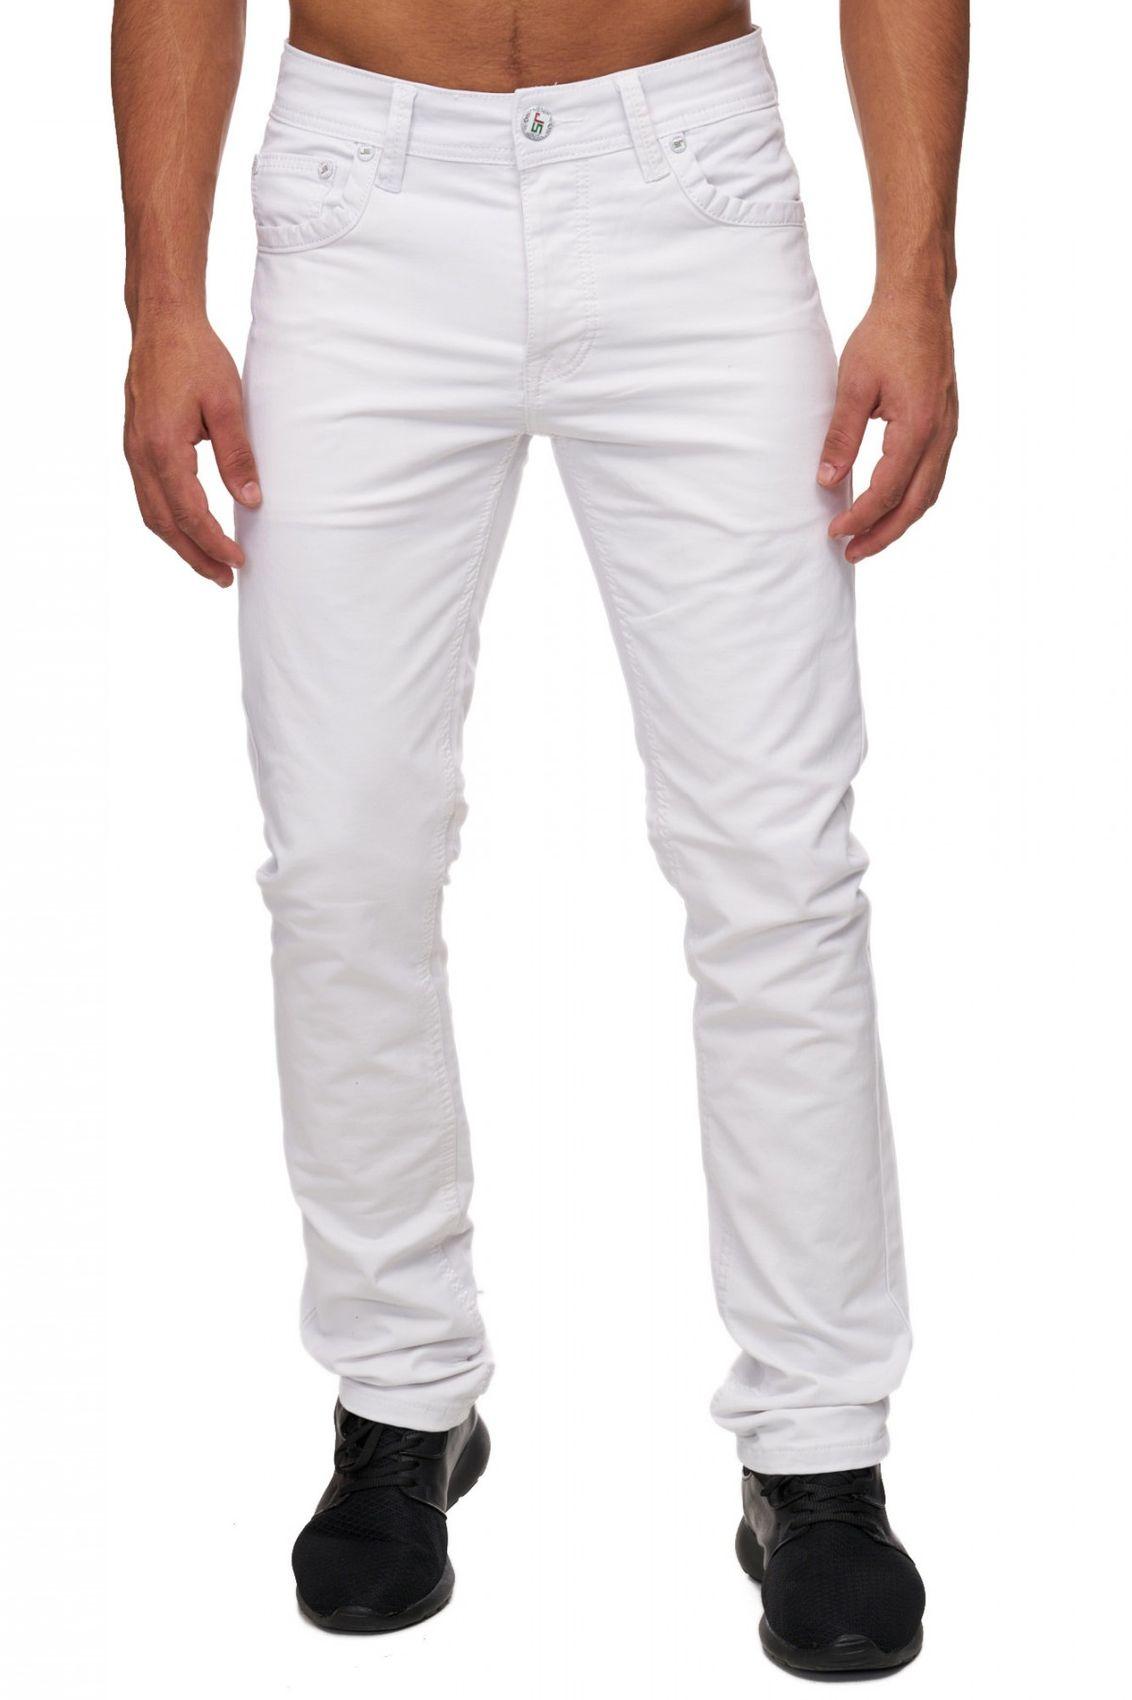 herren slim fit jeans hose wei six pocket style zip. Black Bedroom Furniture Sets. Home Design Ideas